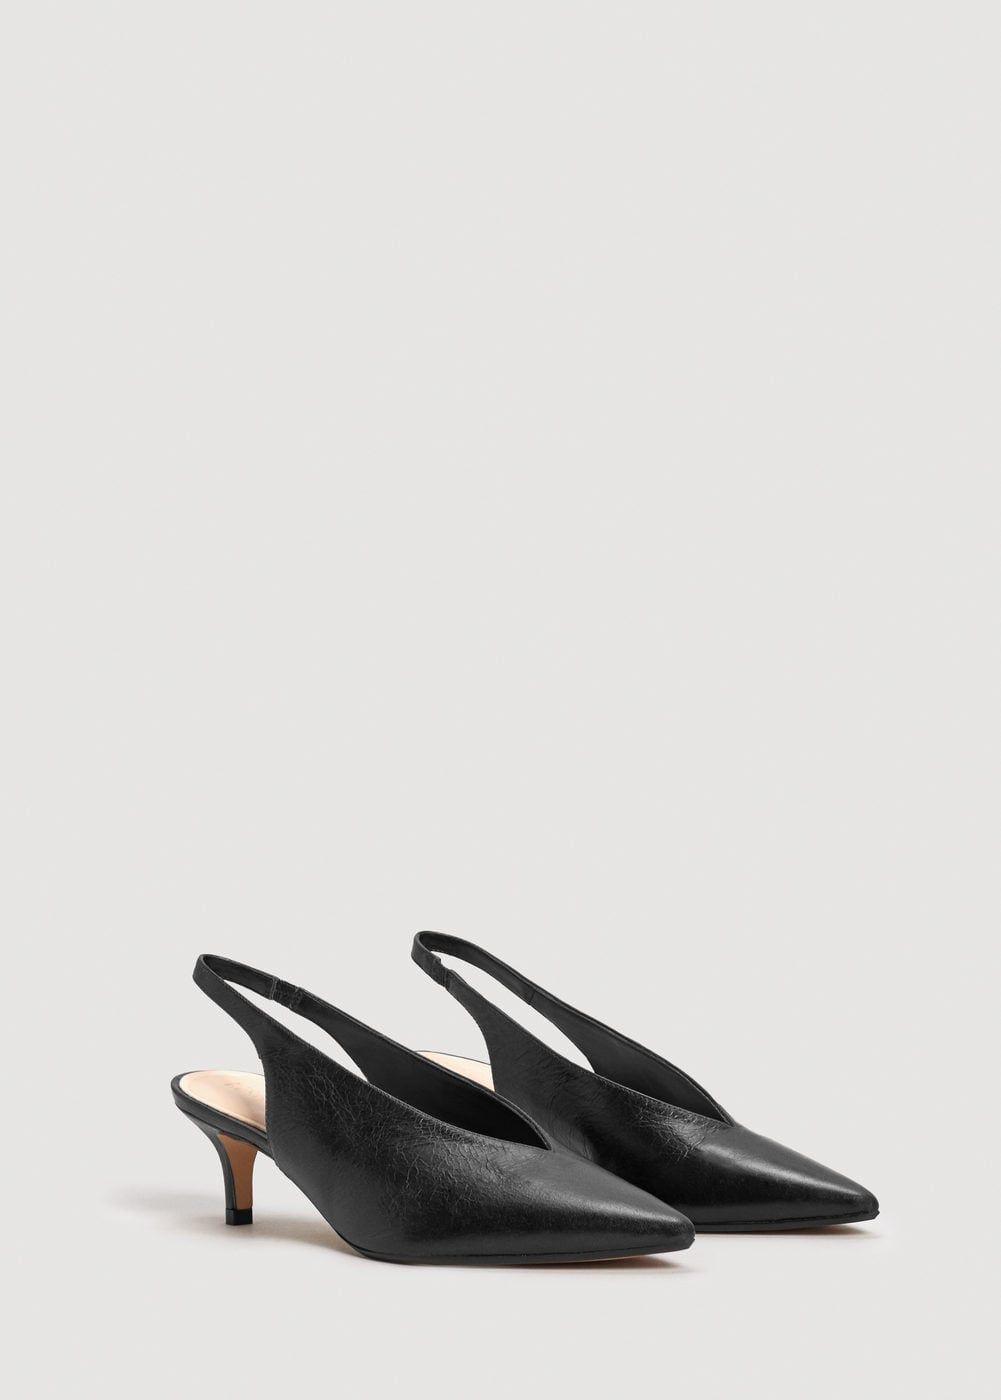 b1cea268 Zapato piel destalonado - Mujer en 2019 | WISHES | Zapatos, Zapatos ...